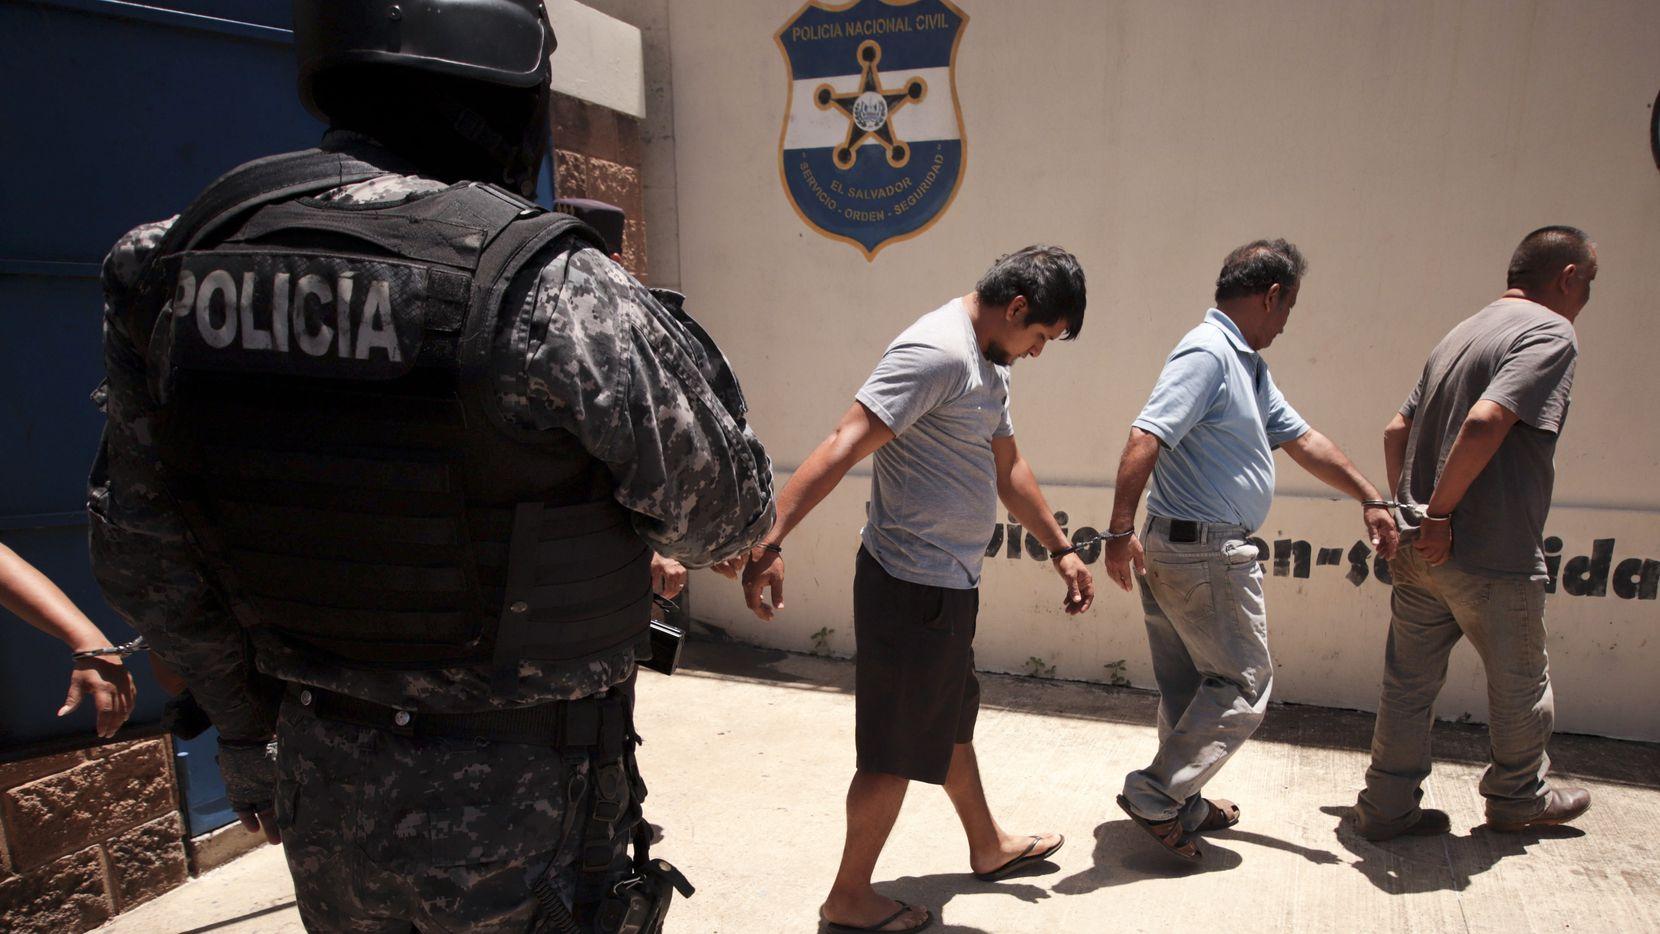 La policía arrestó a un grupo de personas acusadas de tráfico de migrantes en El Salvador.